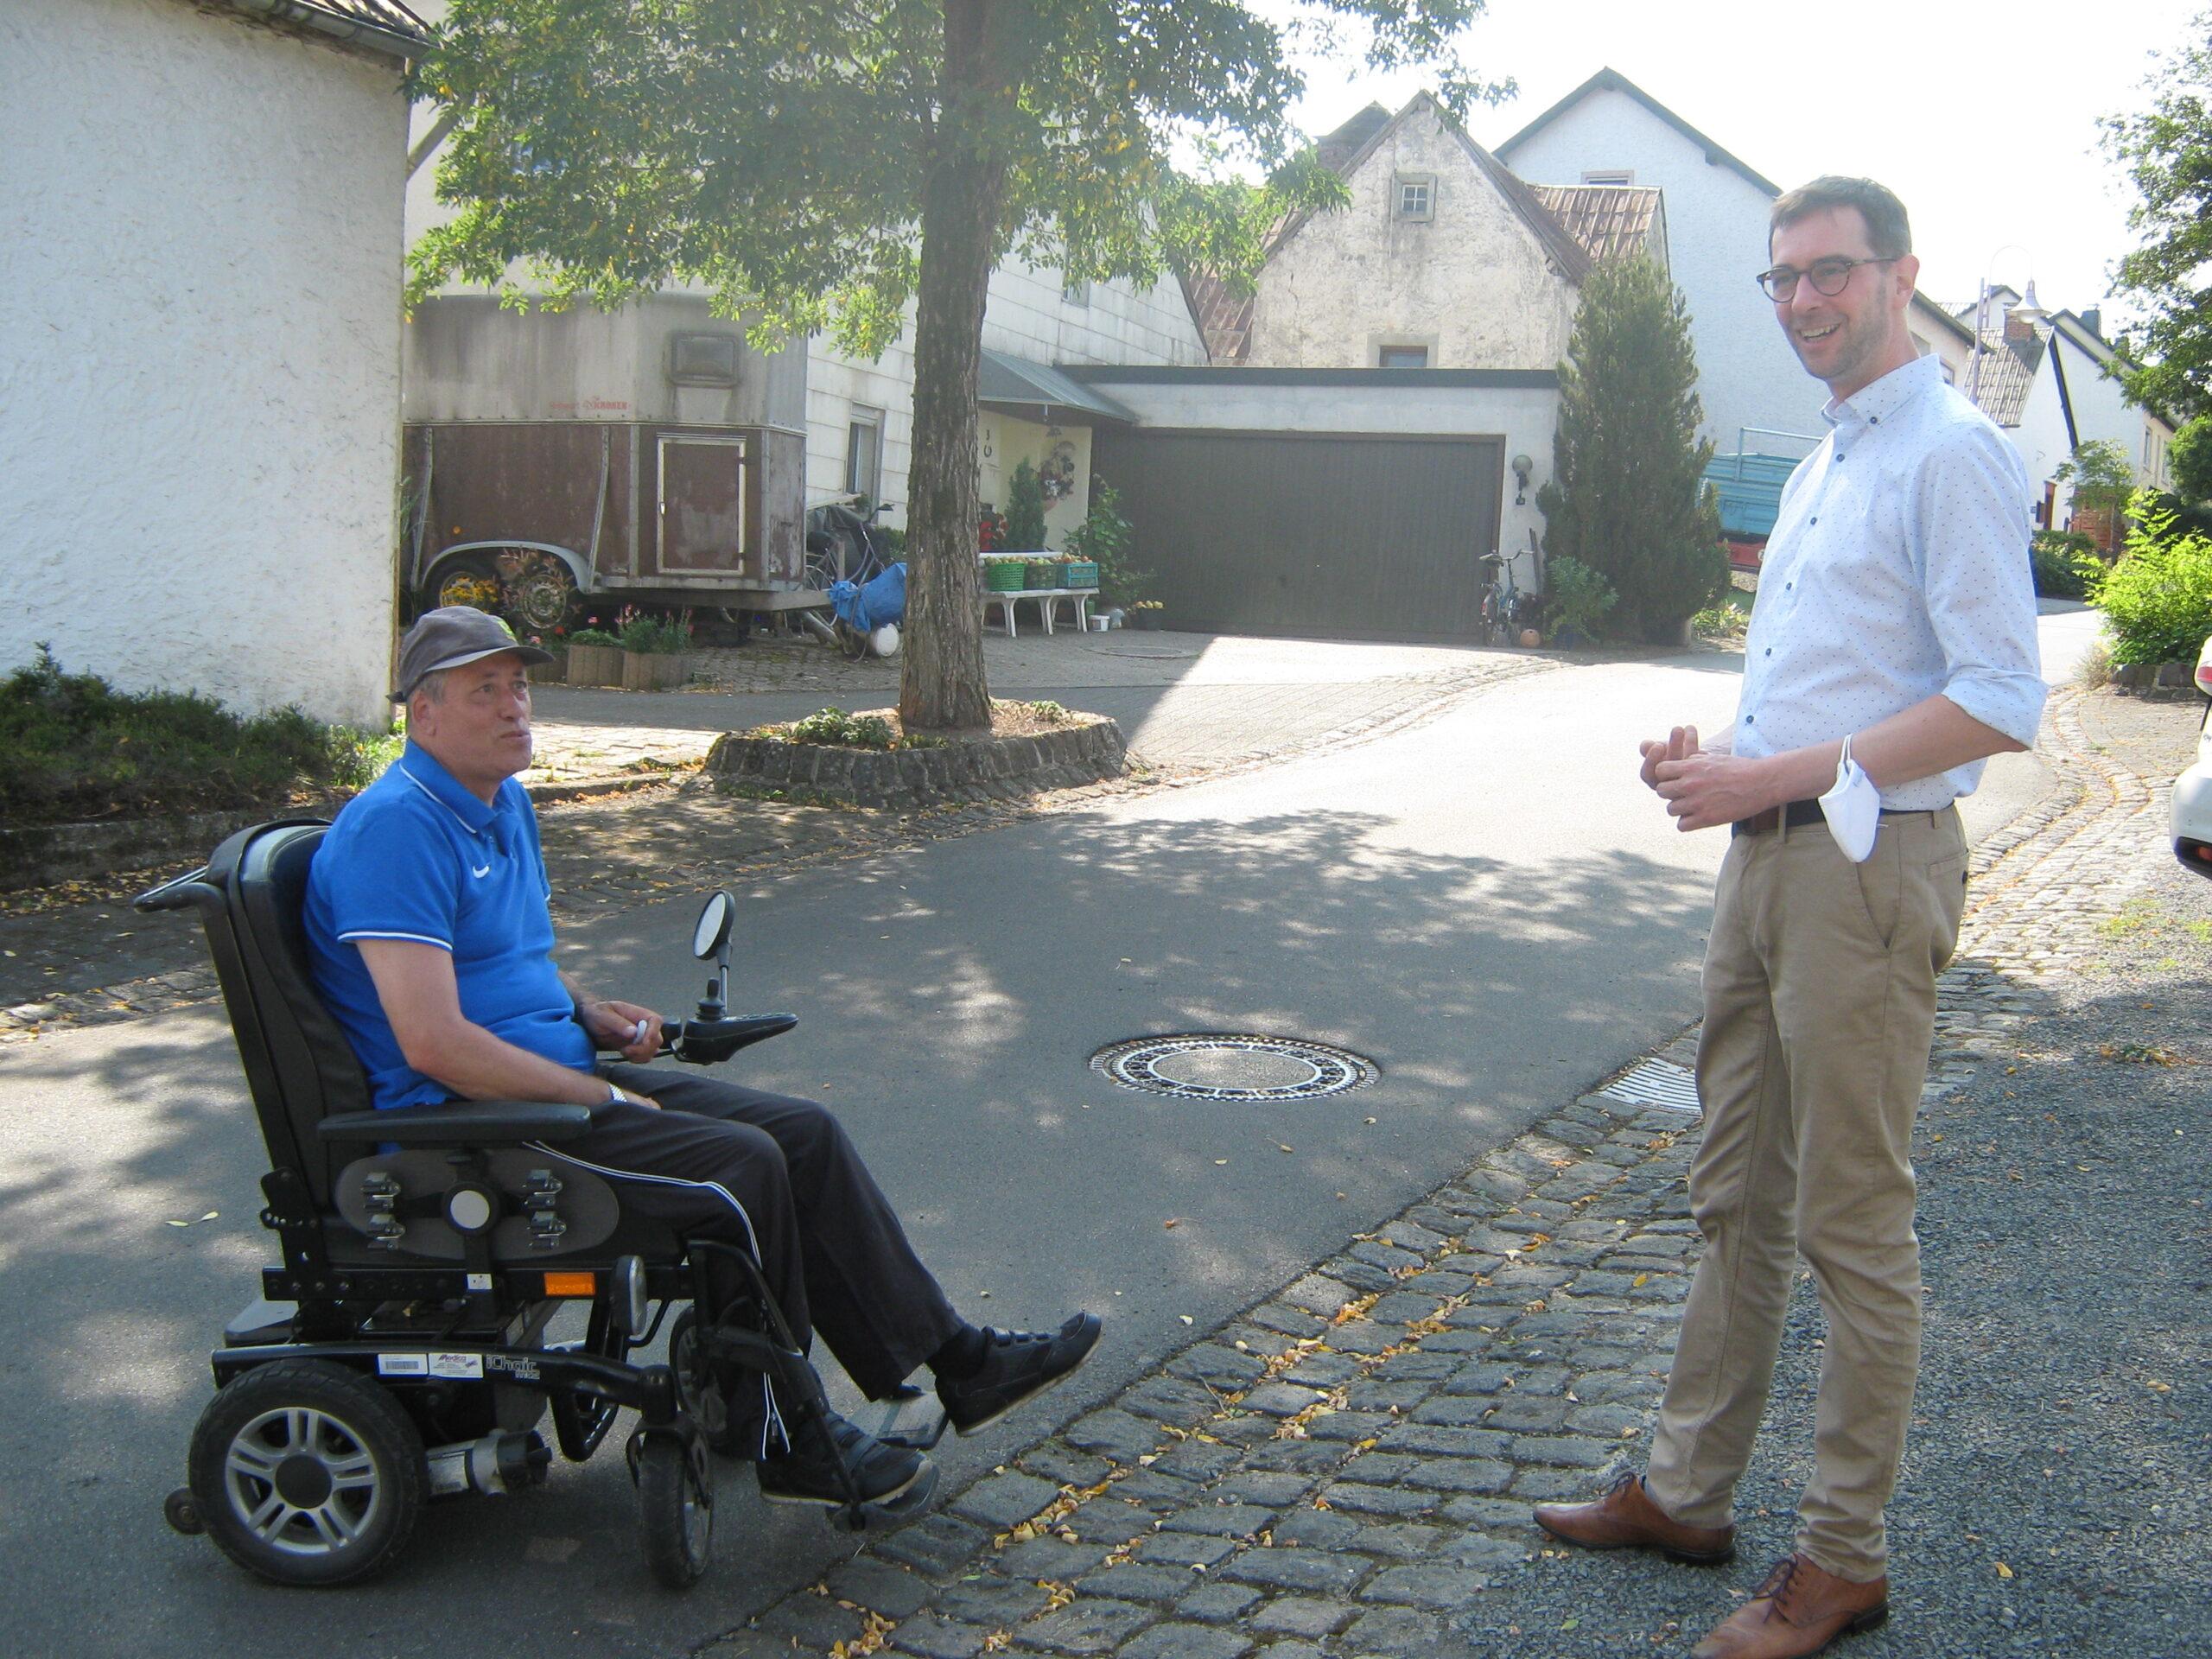 Jens Jenssen im Gespräch mit einem Bürger